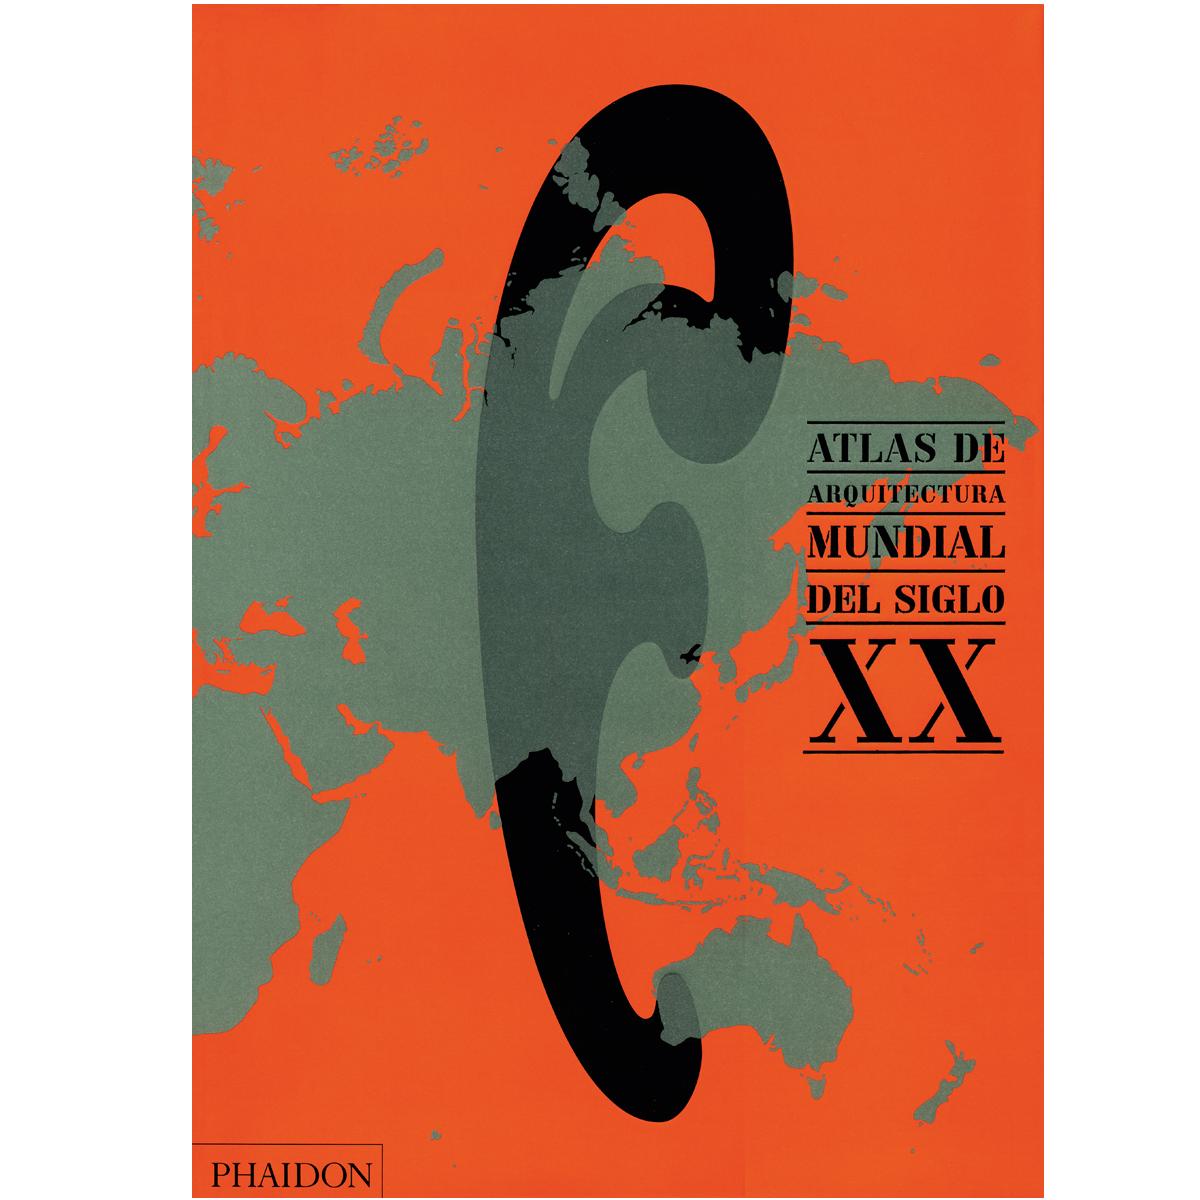 Atlas de arquitectura mundial